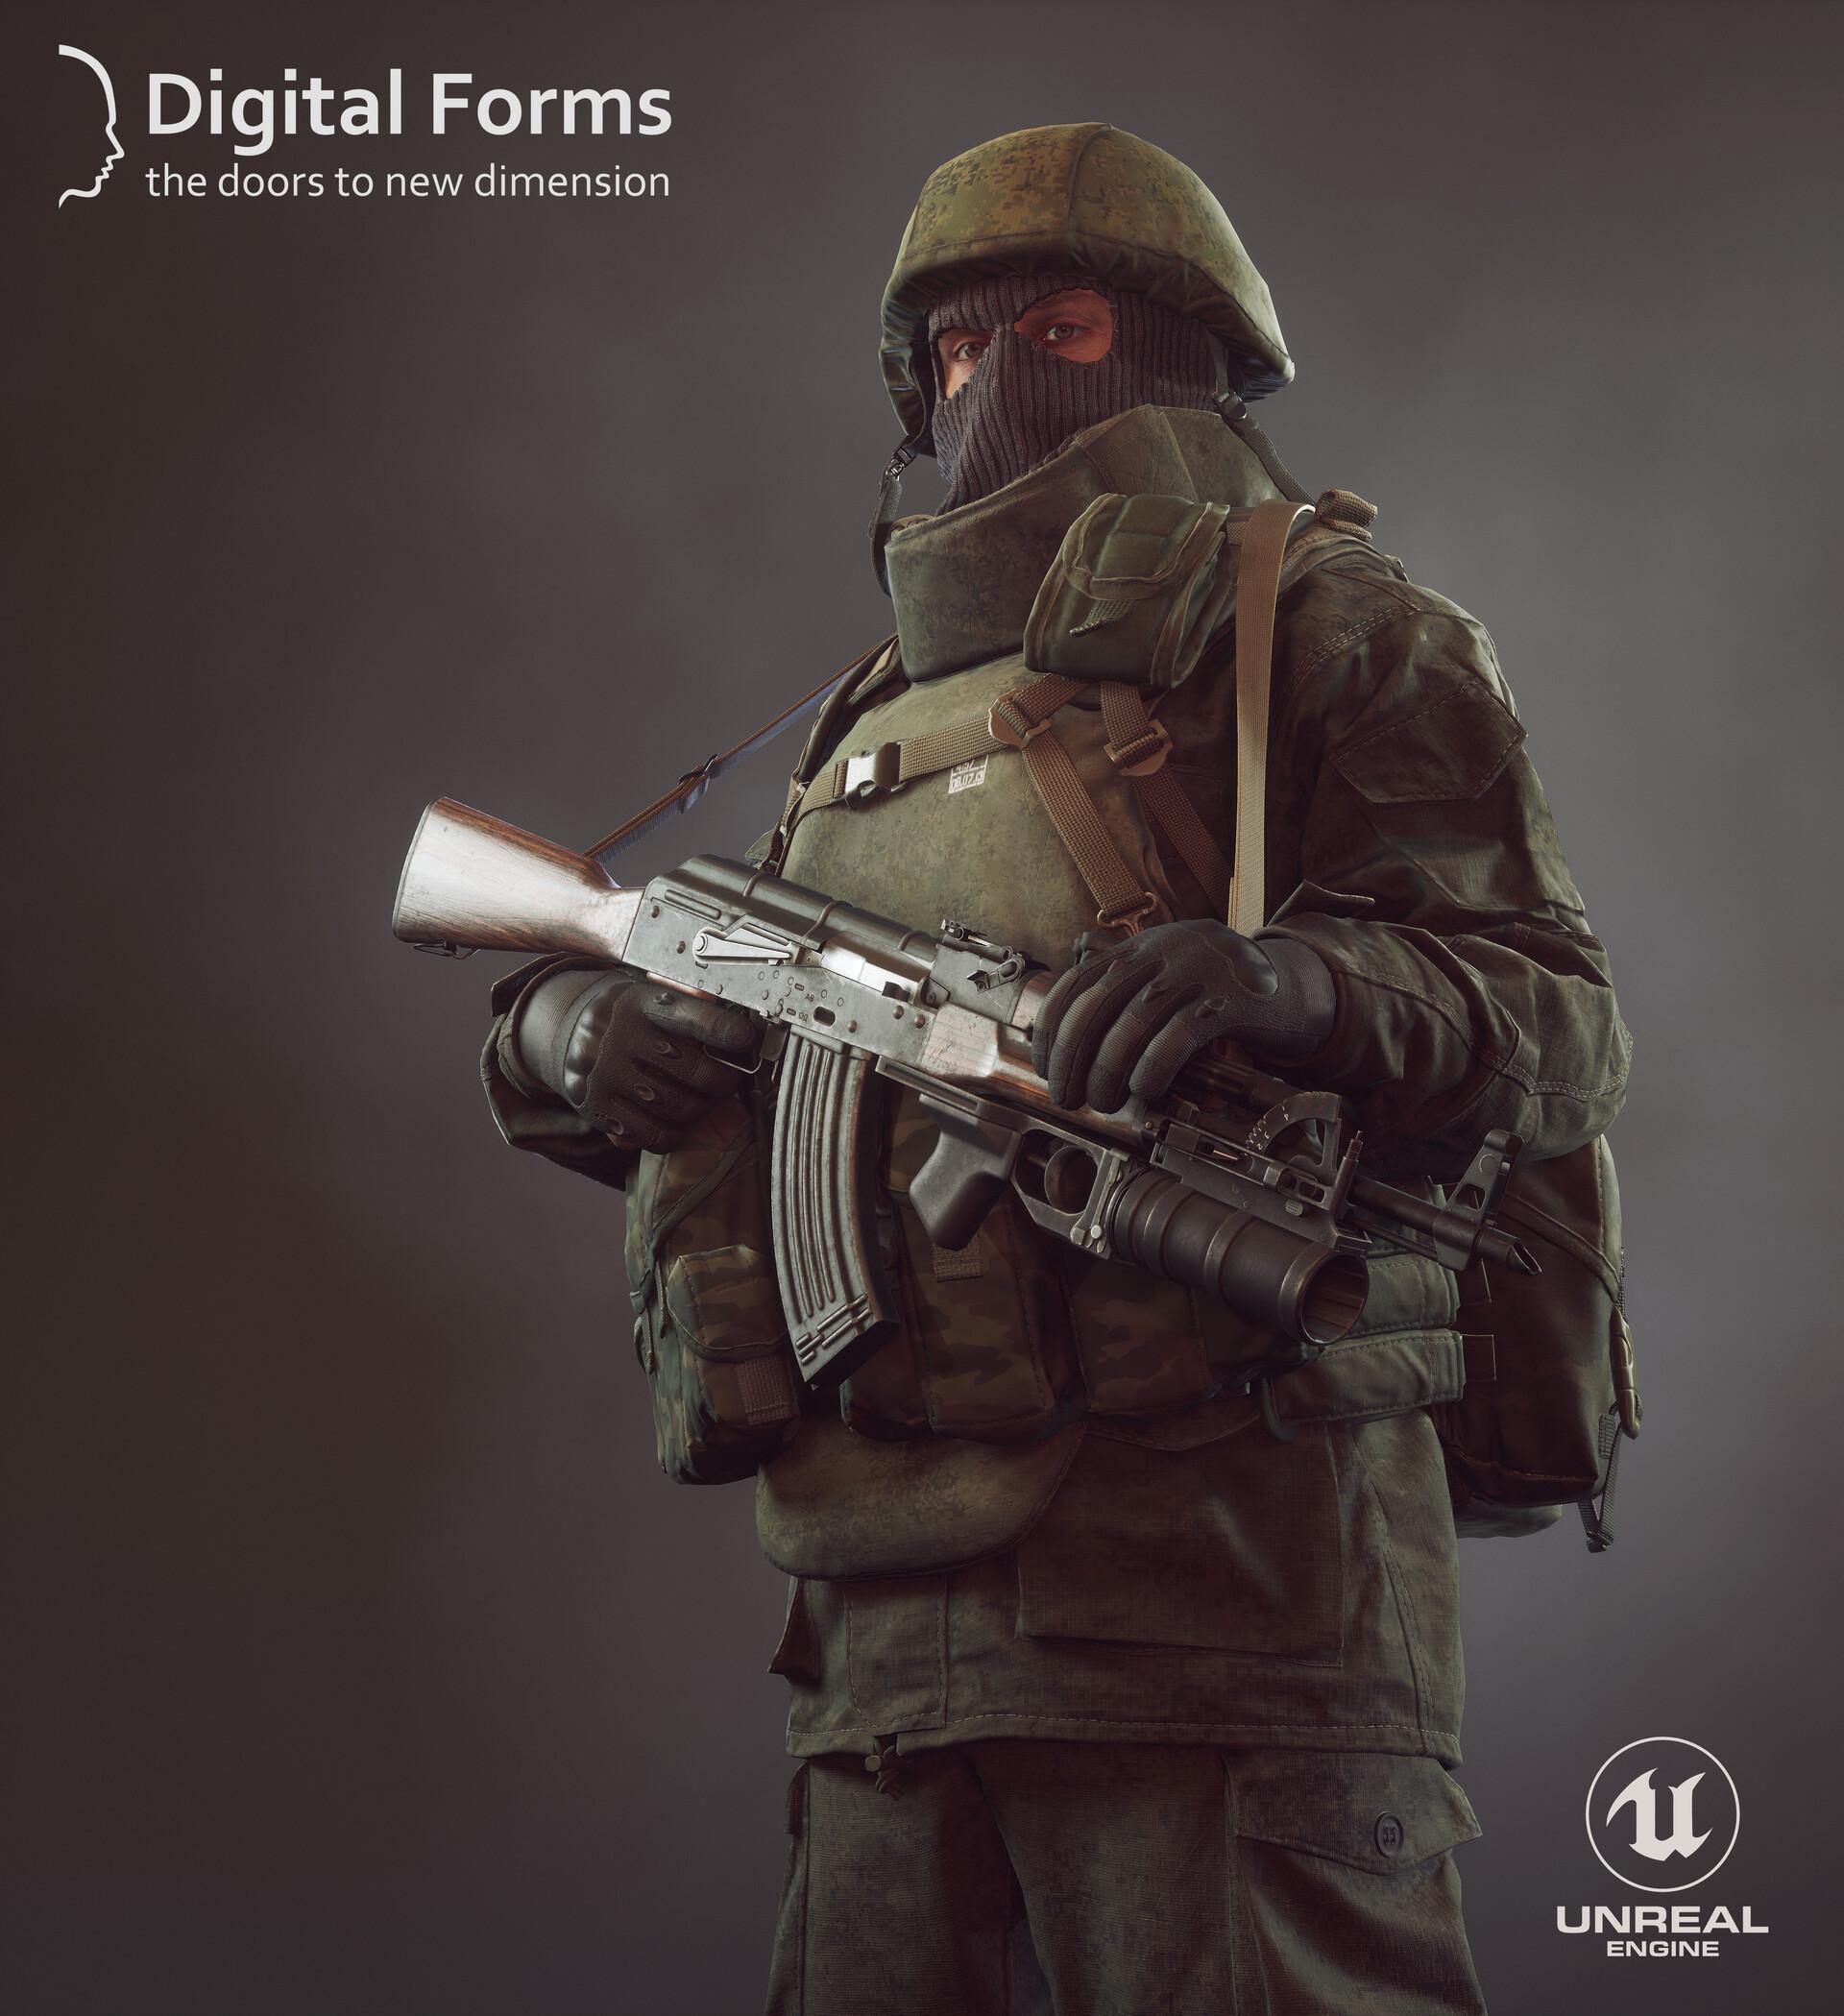 Digital forms midleplane 05